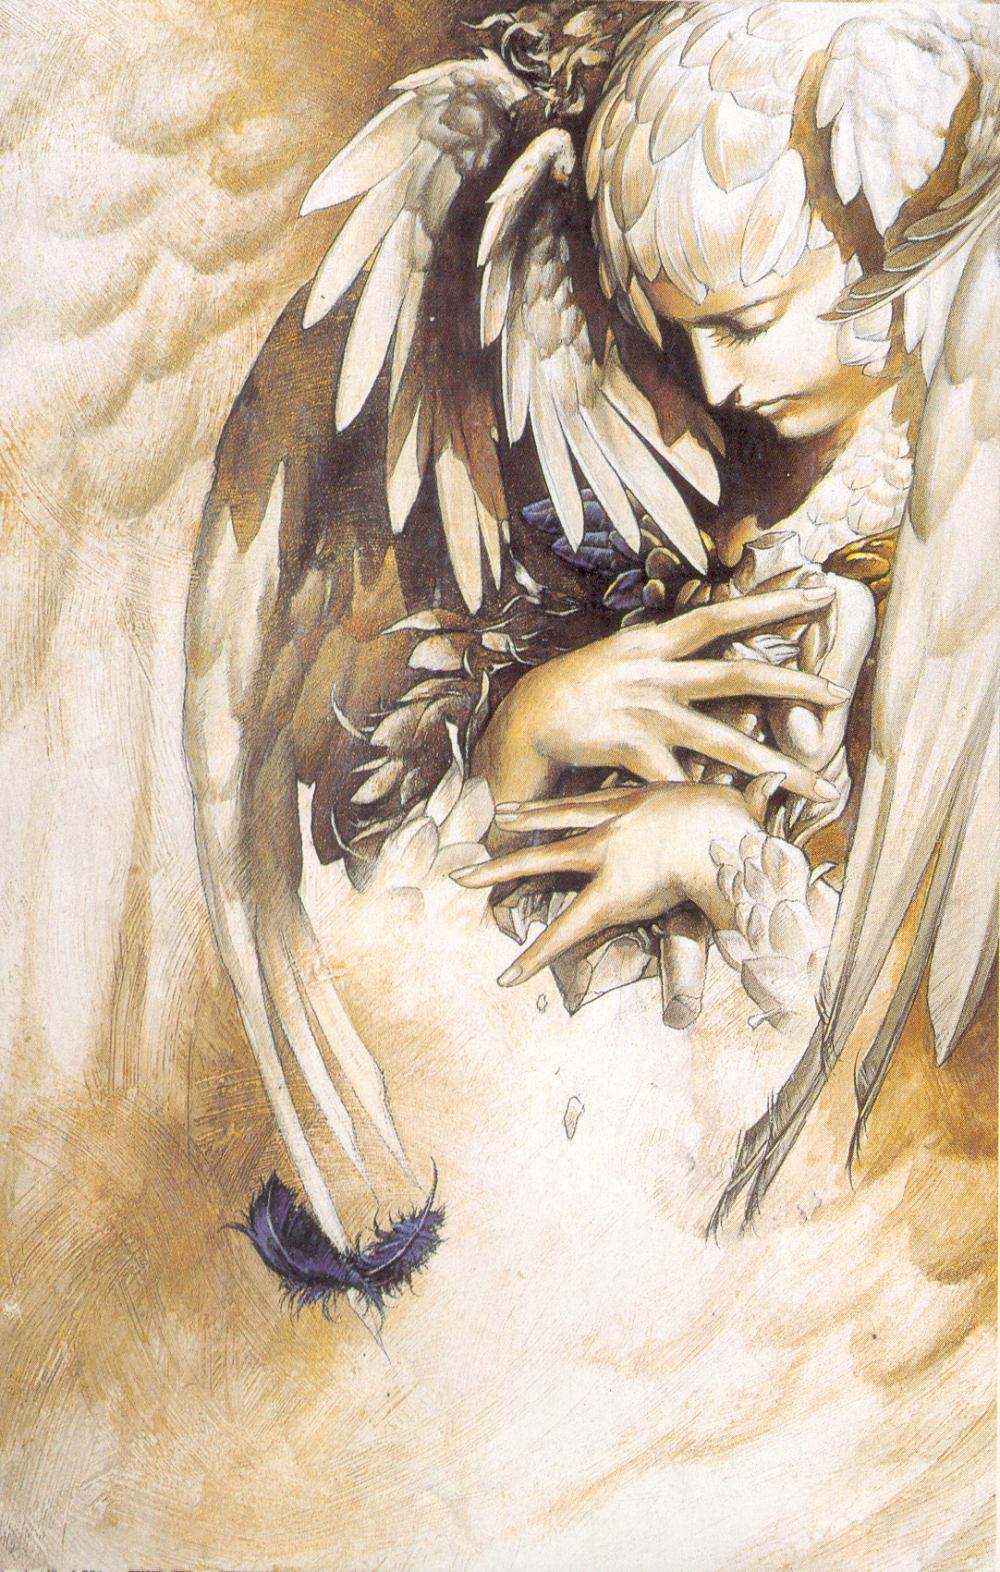 Ayami Kojima Wallpaper And Scan Angel Art Art Amazing Art